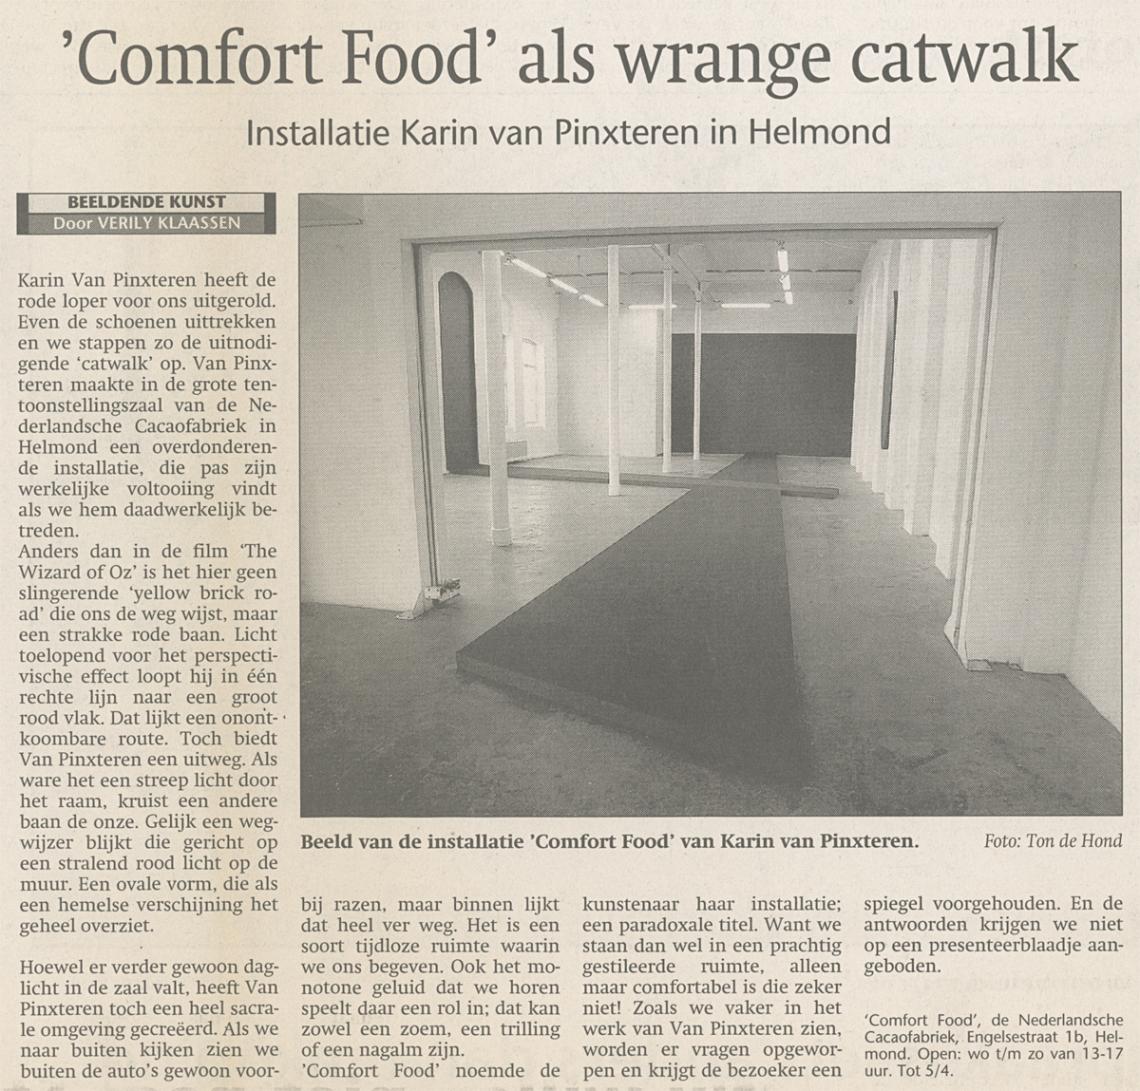 Karin van Pinxteren | recensie Comfort Food | 24042004 | door Verily Klaassen